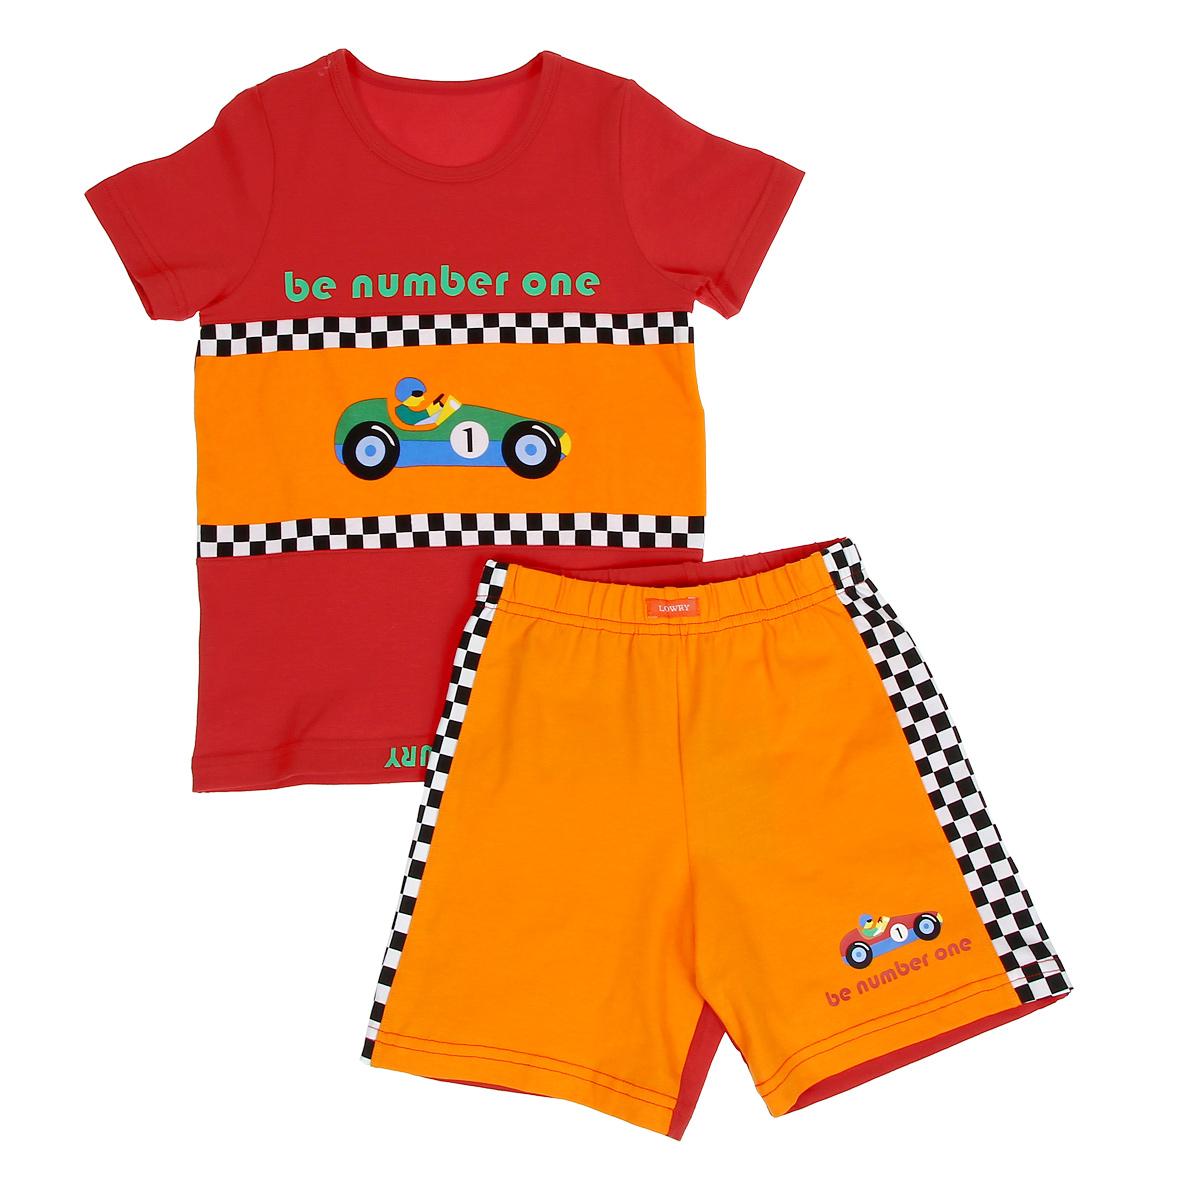 BF/BSHL-272Комплект для мальчика Lowry, состоящий из футболки и шорт, идеально подойдет вашему малышу. Изготовленный из хлопка с добавлением лайкры, он необычайно мягкий и приятный на ощупь, не сковывает движения малыша и позволяет коже дышать, не раздражает даже самую нежную и чувствительную кожу ребенка, обеспечивая ему наибольший комфорт. Футболка с короткими рукавами и круглым вырезом горловины на груди оформлена ярким оригинальным принтом с изображением гоночной трассы, гоночного болида, а также надписью Be Number One. Шортики на талии имеют широкую эластичную резинку, благодаря чему они не сдавливают животик ребенка и не сползают. Оформлены шортики термоаппликацией с изображением гоночного болида и надписью Be Number One, а по бокам - принтом в клетку. Оригинальный дизайн и модная расцветка делают этот комплект незаменимым предметом детского гардероба. В нем вашему маленькому мужчине будет комфортно и уютно, и он всегда будет в центре внимания!